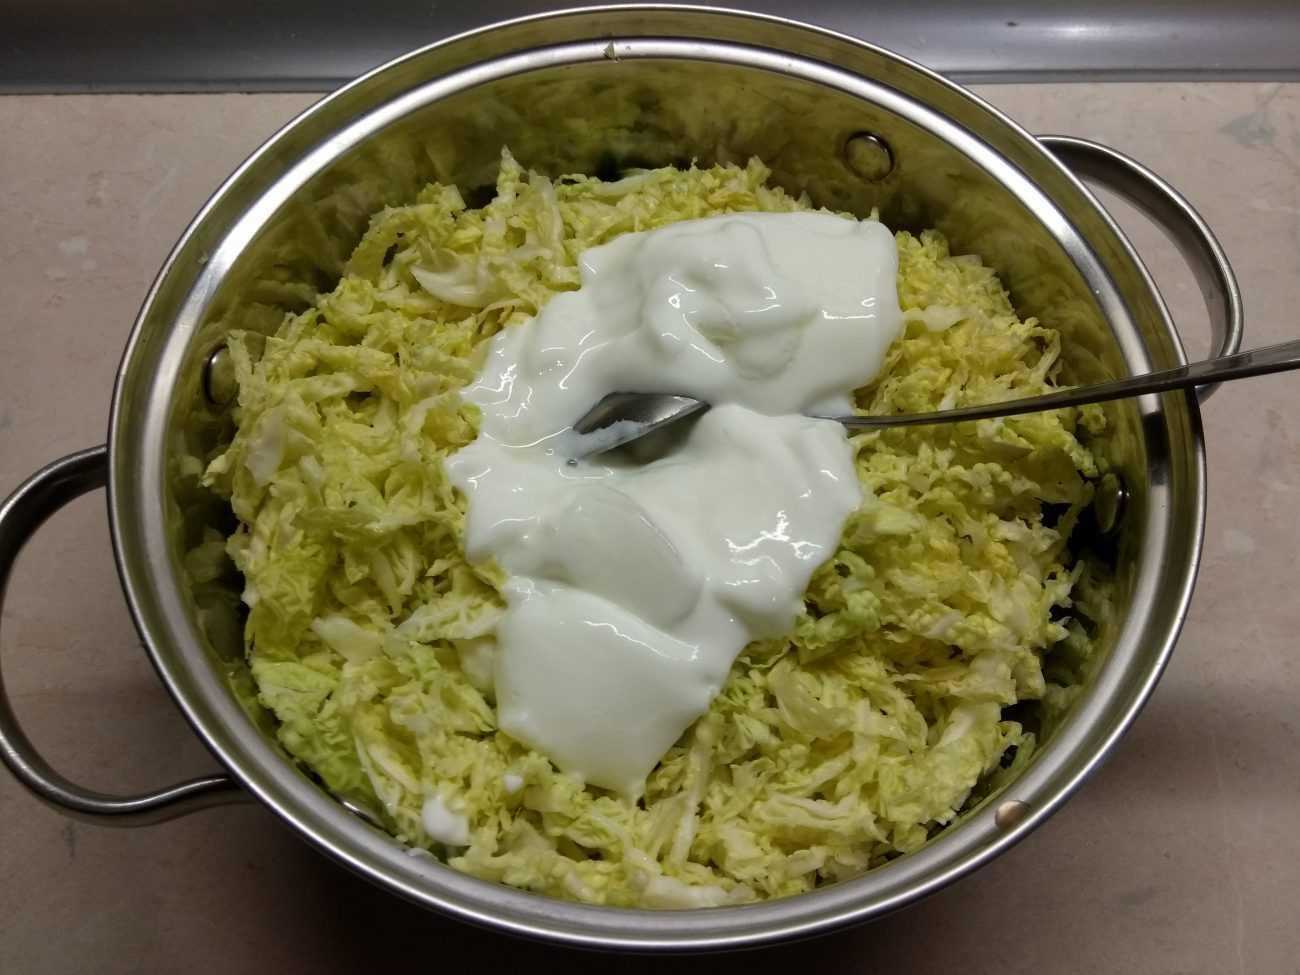 Салат с капустой и яблоком - рецепт с пошаговыми фото   ne-dieta